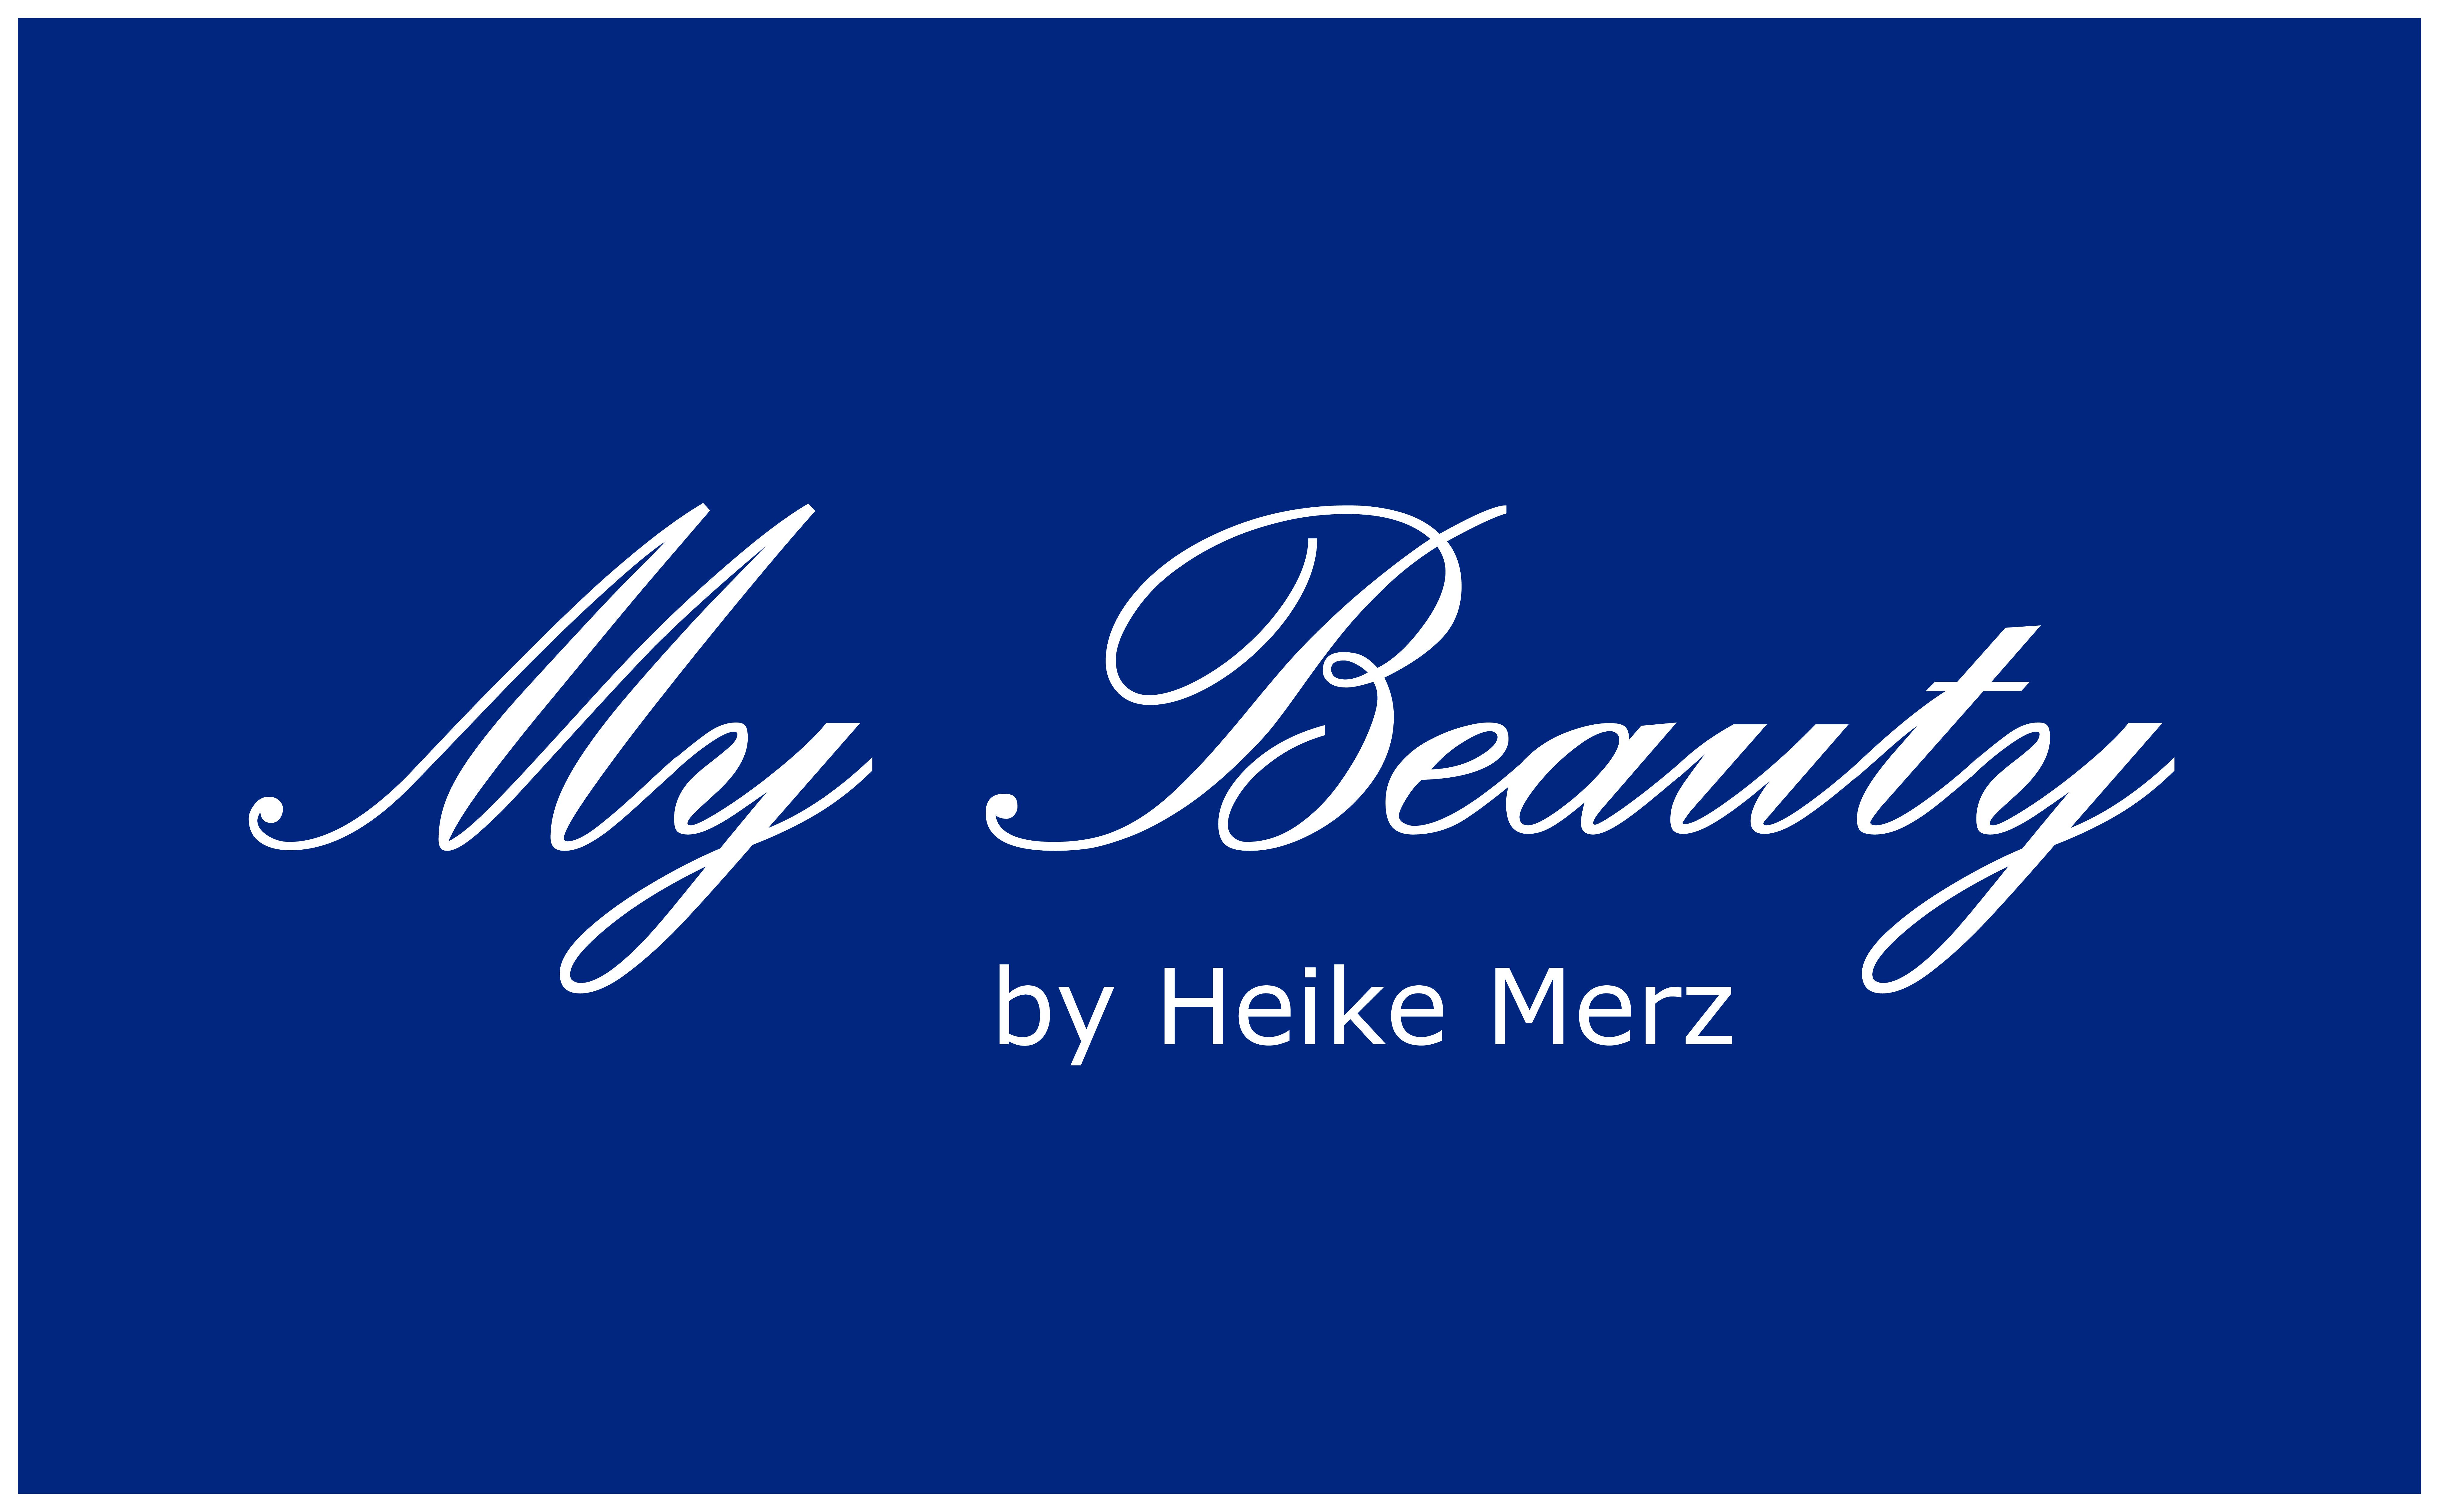 My Beauty by Heike Merz